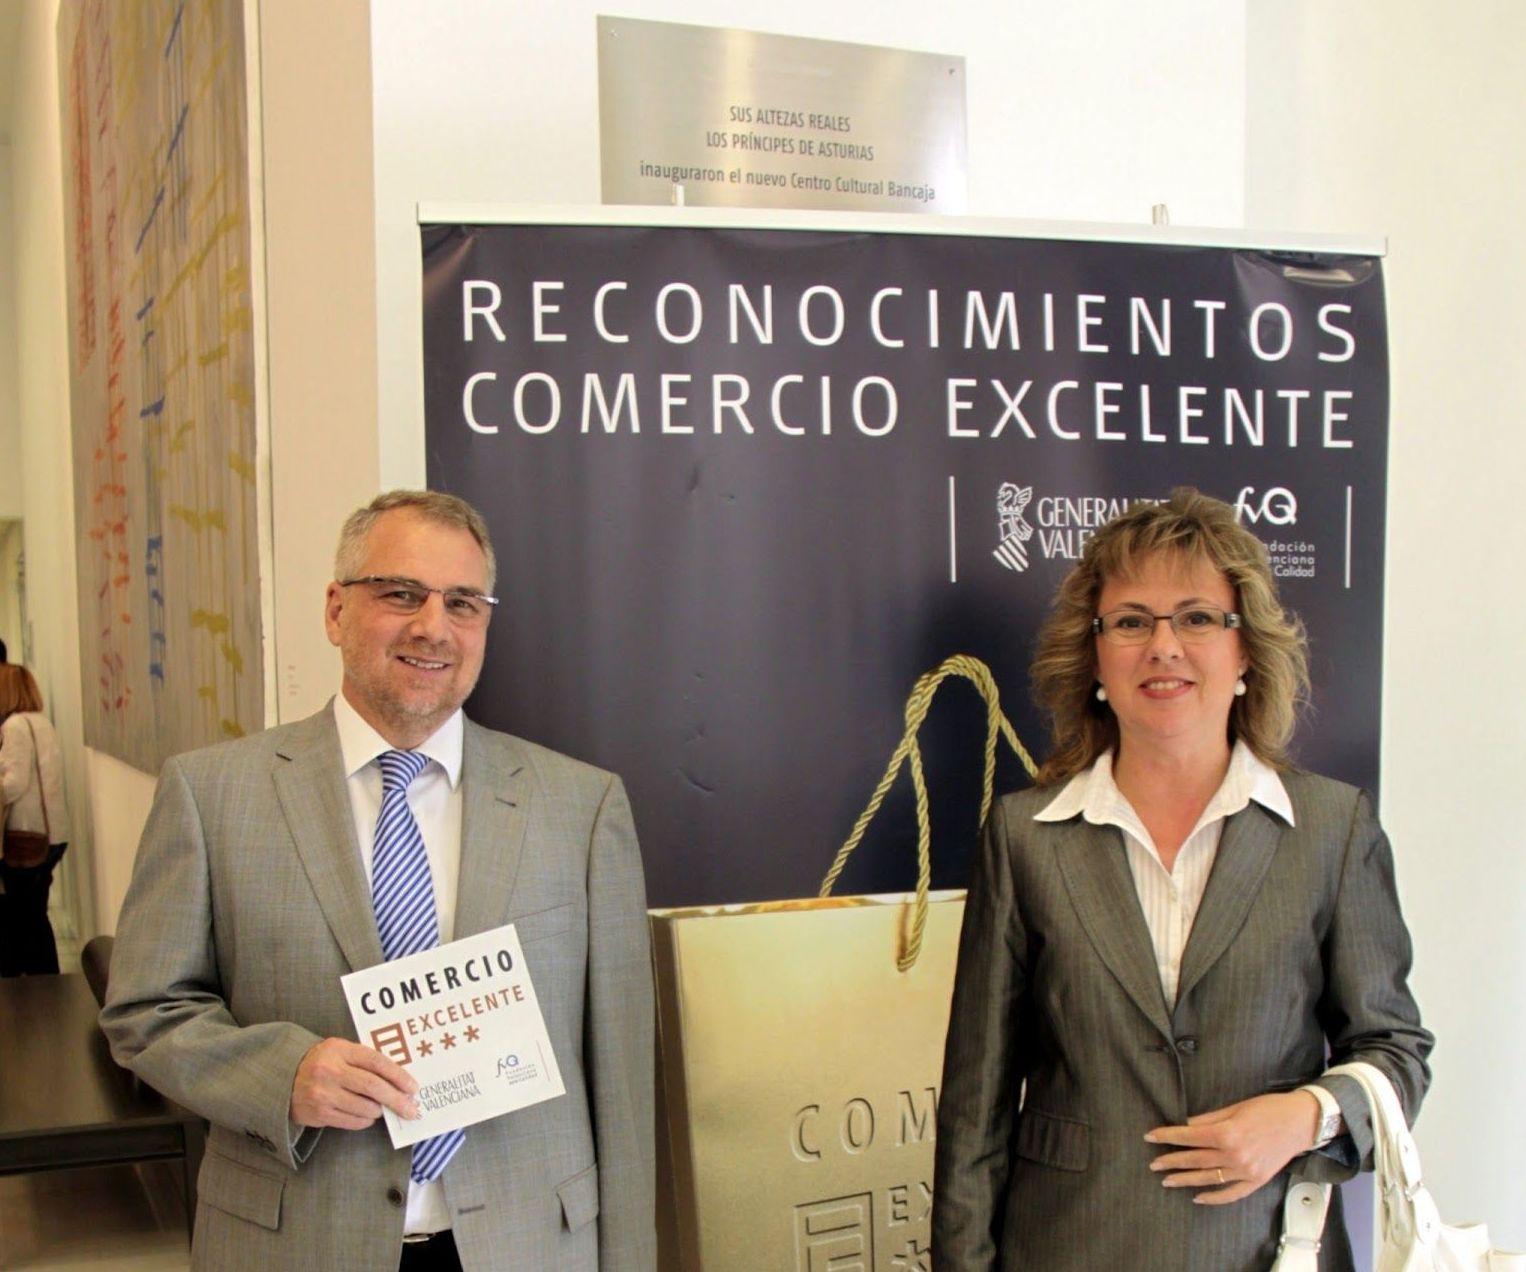 Premio Reconocimiento Comercio Excelente en Valencia